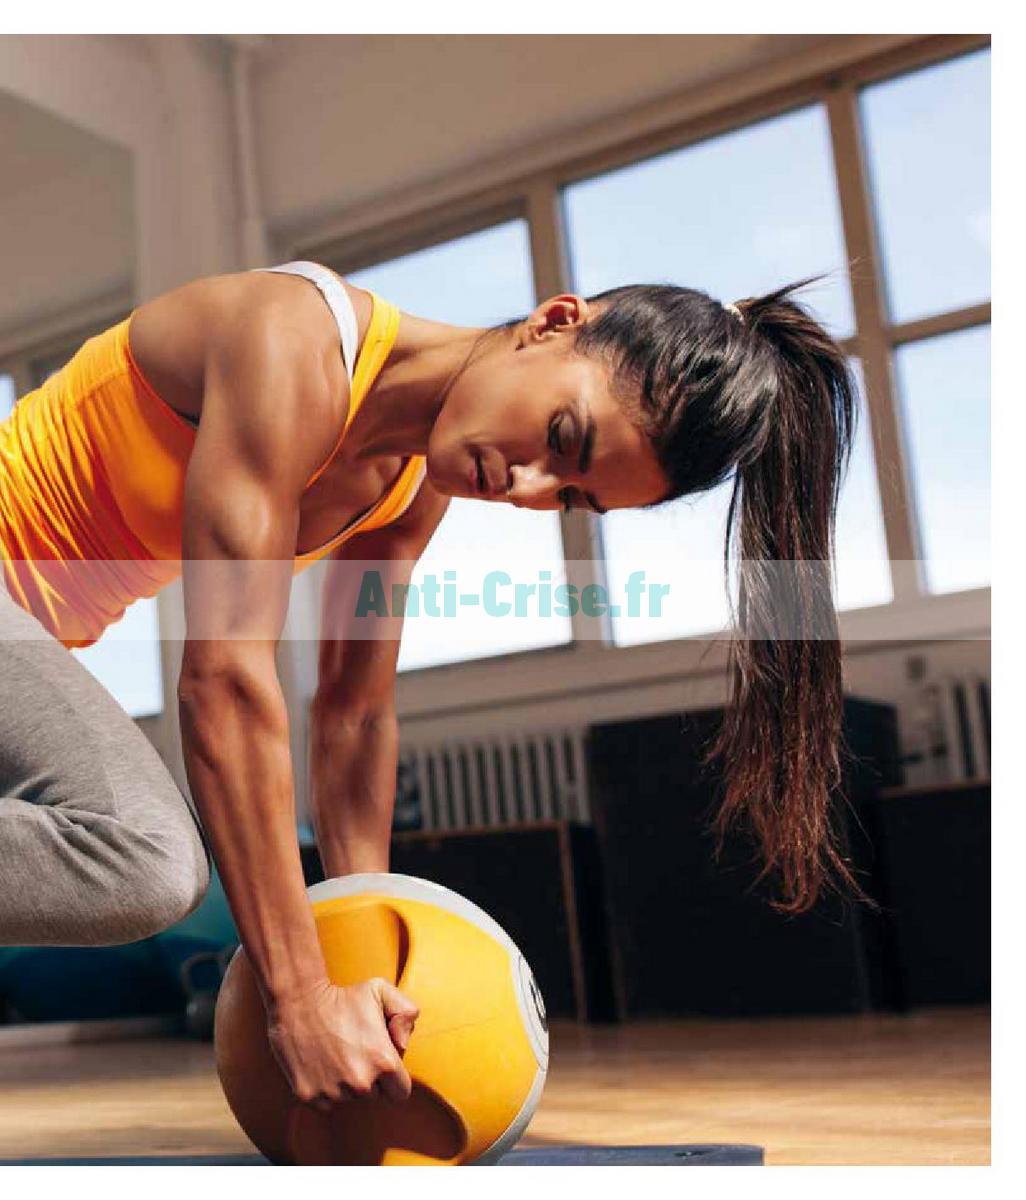 decembre2018 Catalogue Go Sport du 28 avril au 31 décembre 2018 (Spécial Femme) (33)